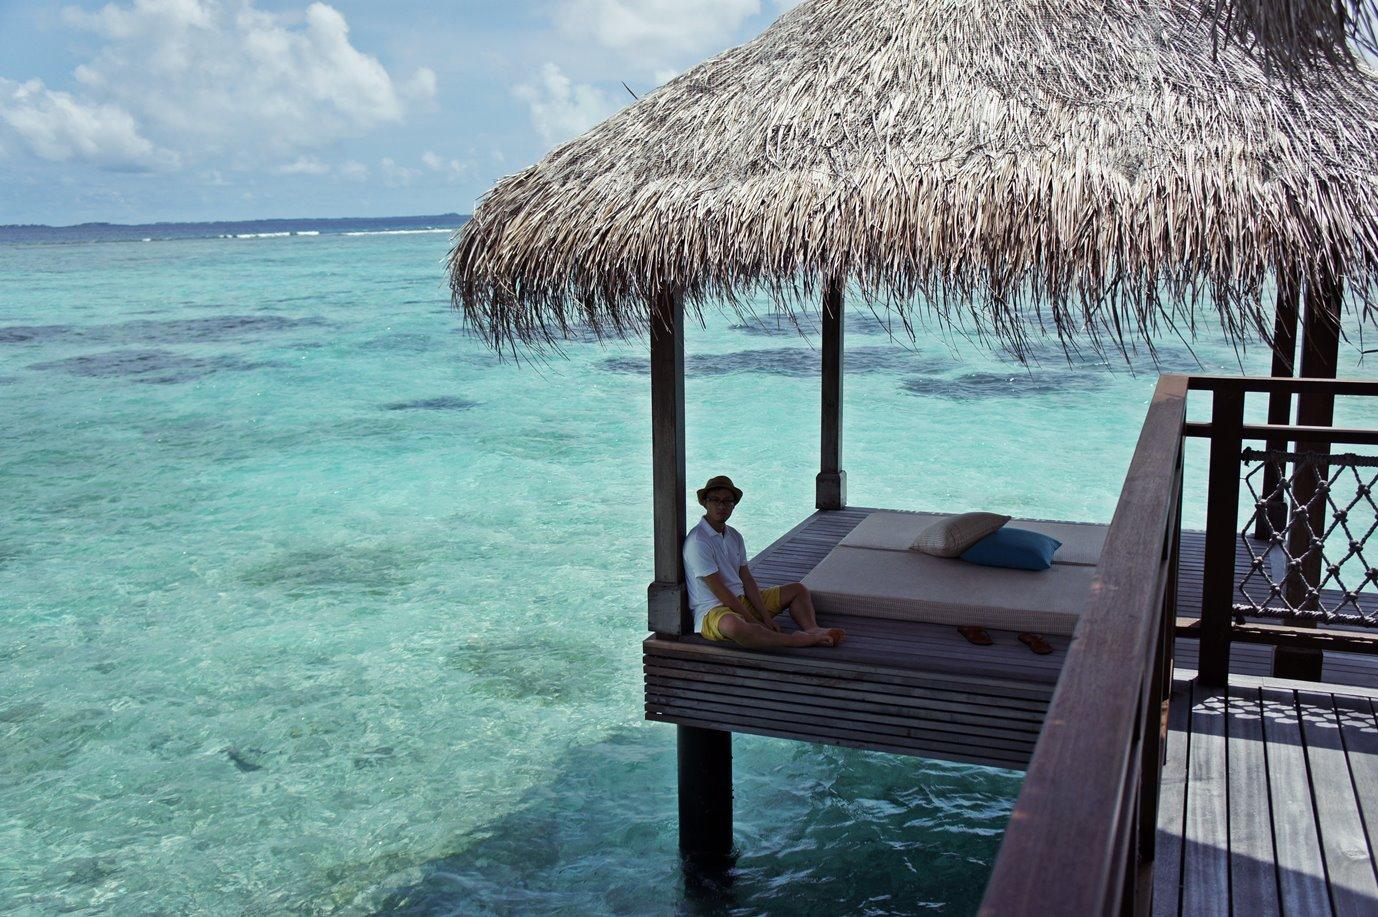 馬爾代夫 約有一千二百座珊瑚島,其中不少島嶼已被開闢為度假村。